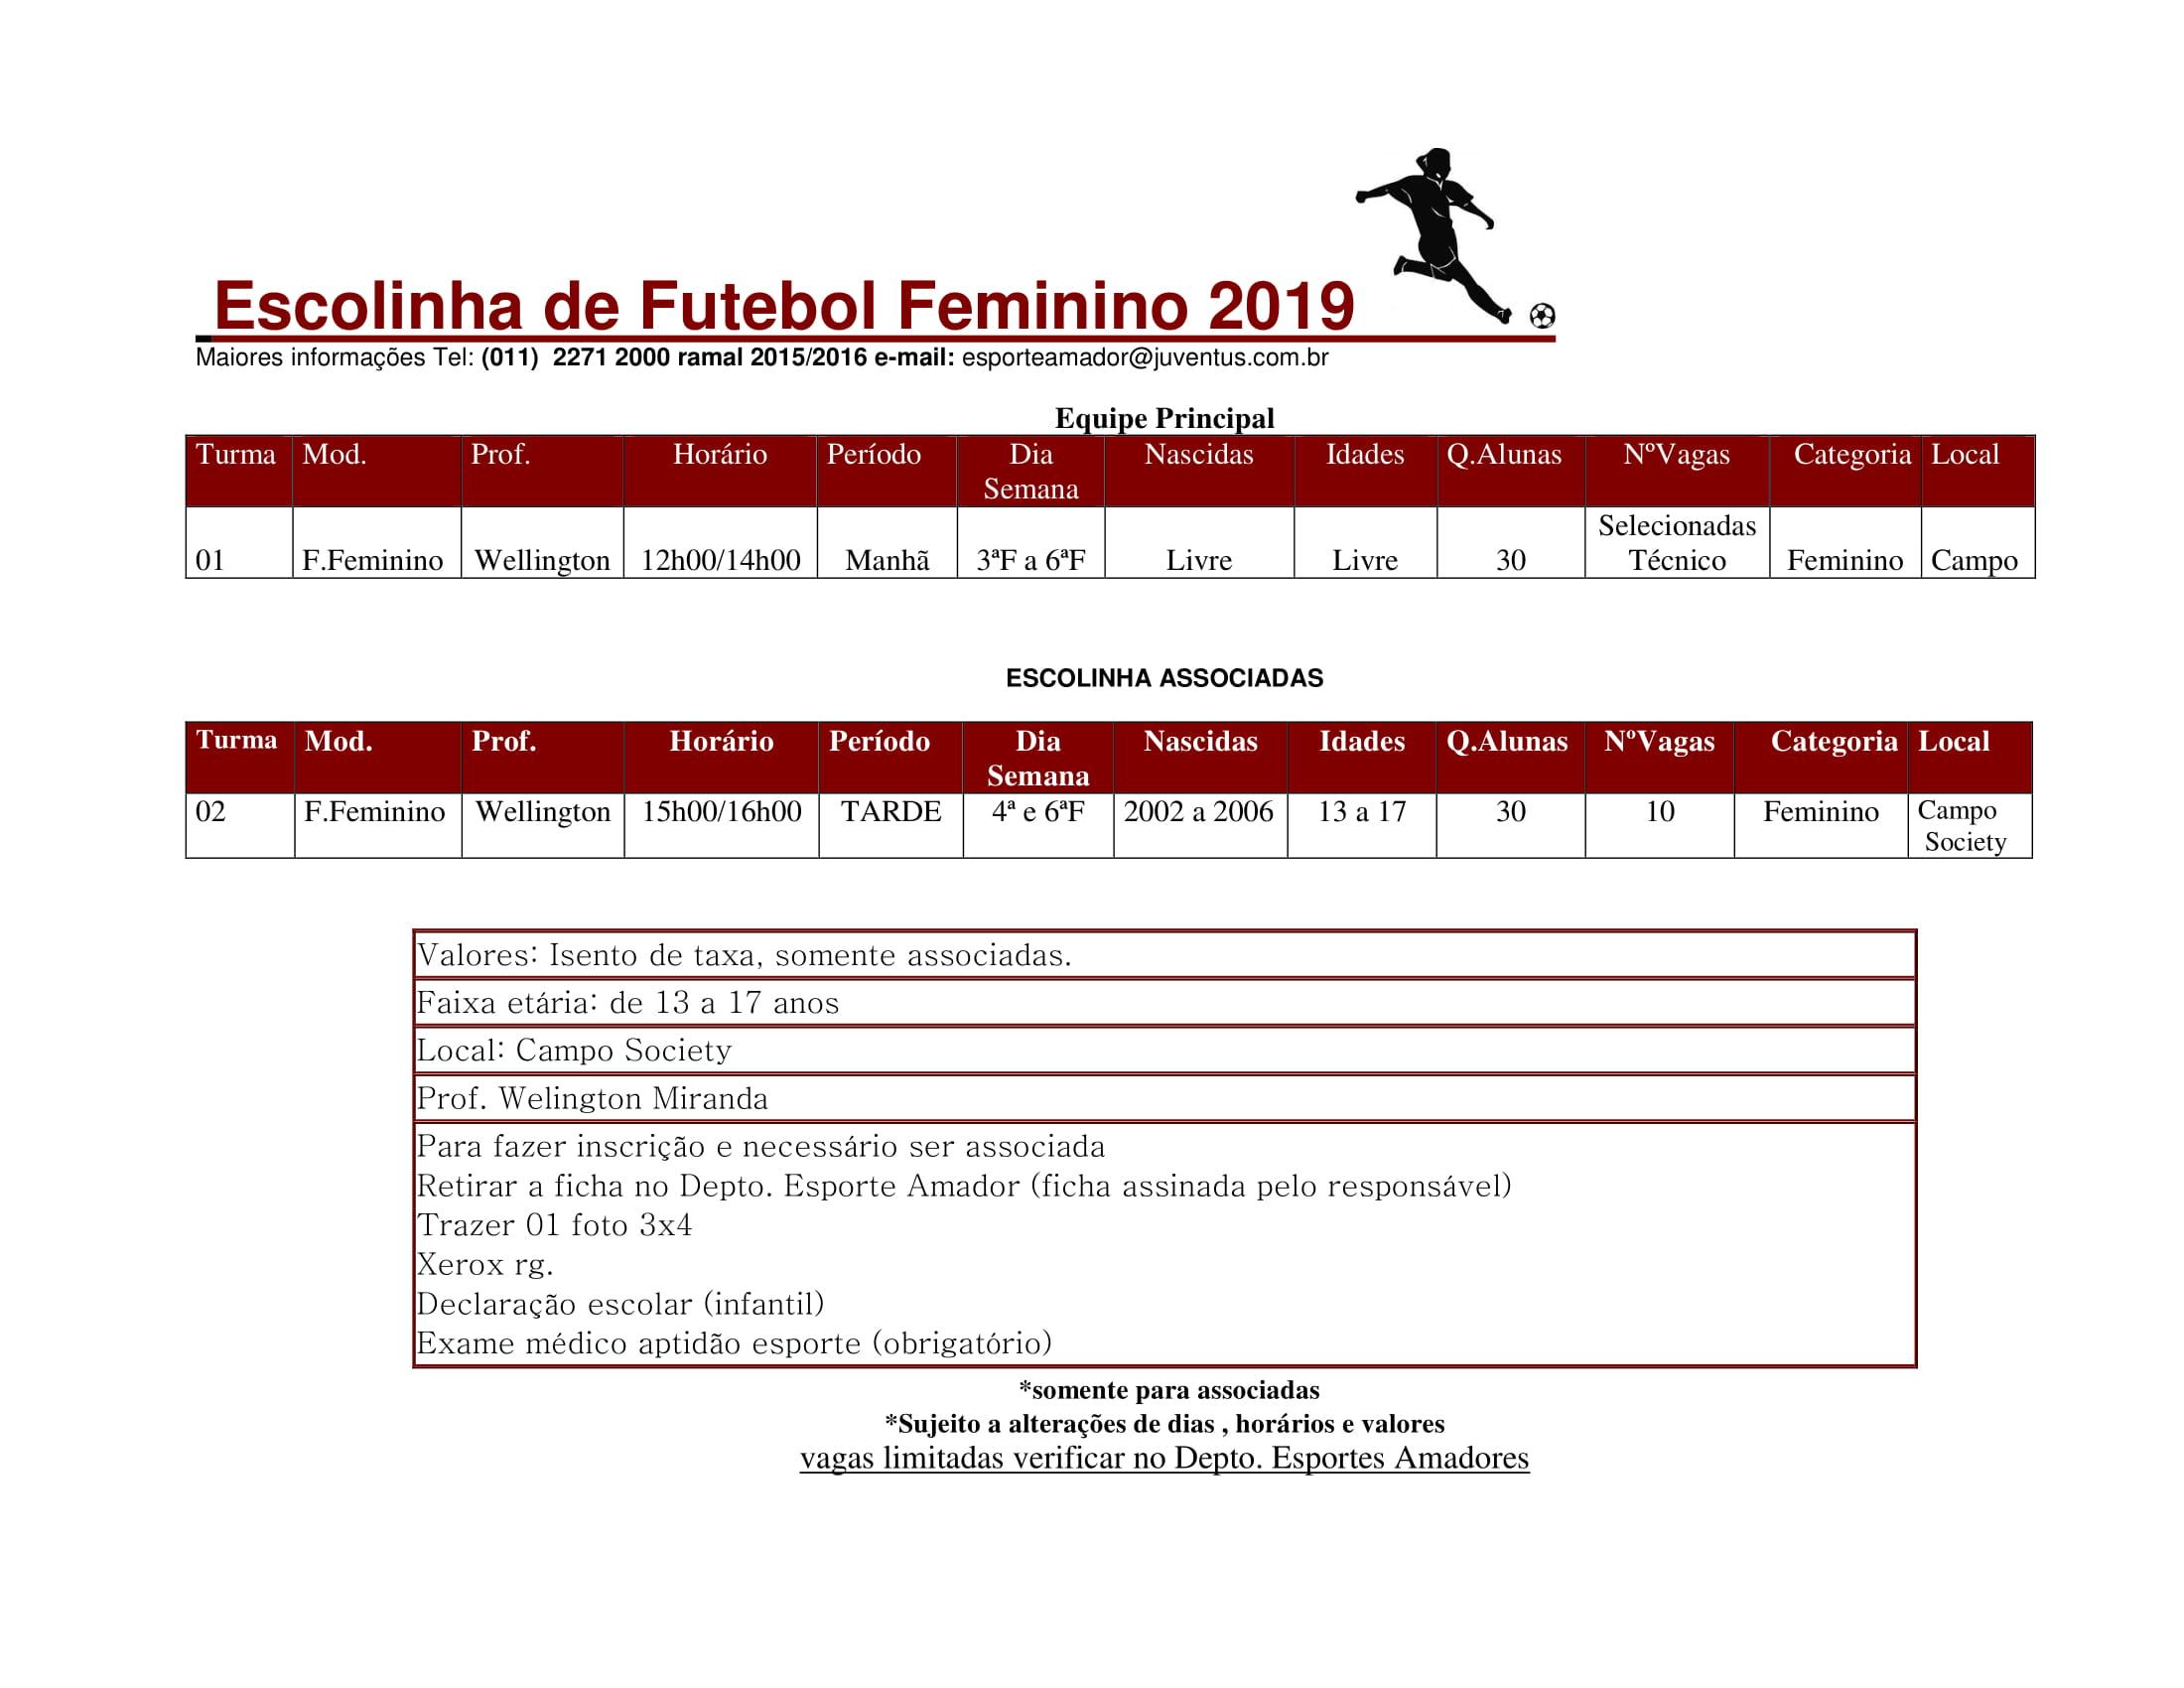 Futebol de Campo Feminino - Escolinha - 2019